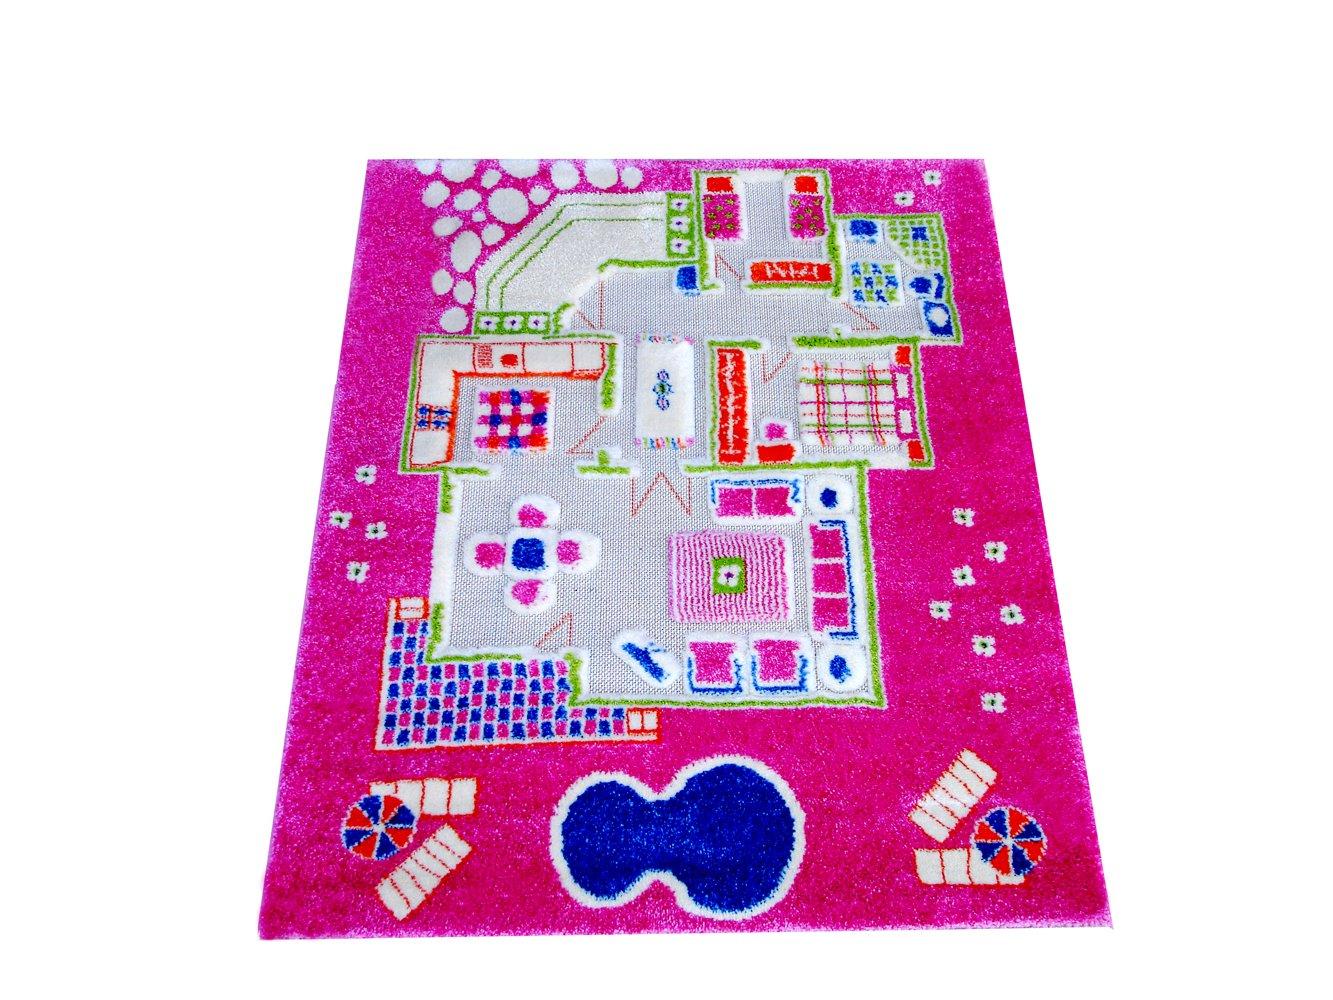 F176933f little helper ivi tapis de jeu pour enfants epais for Jeu d architecture 3d